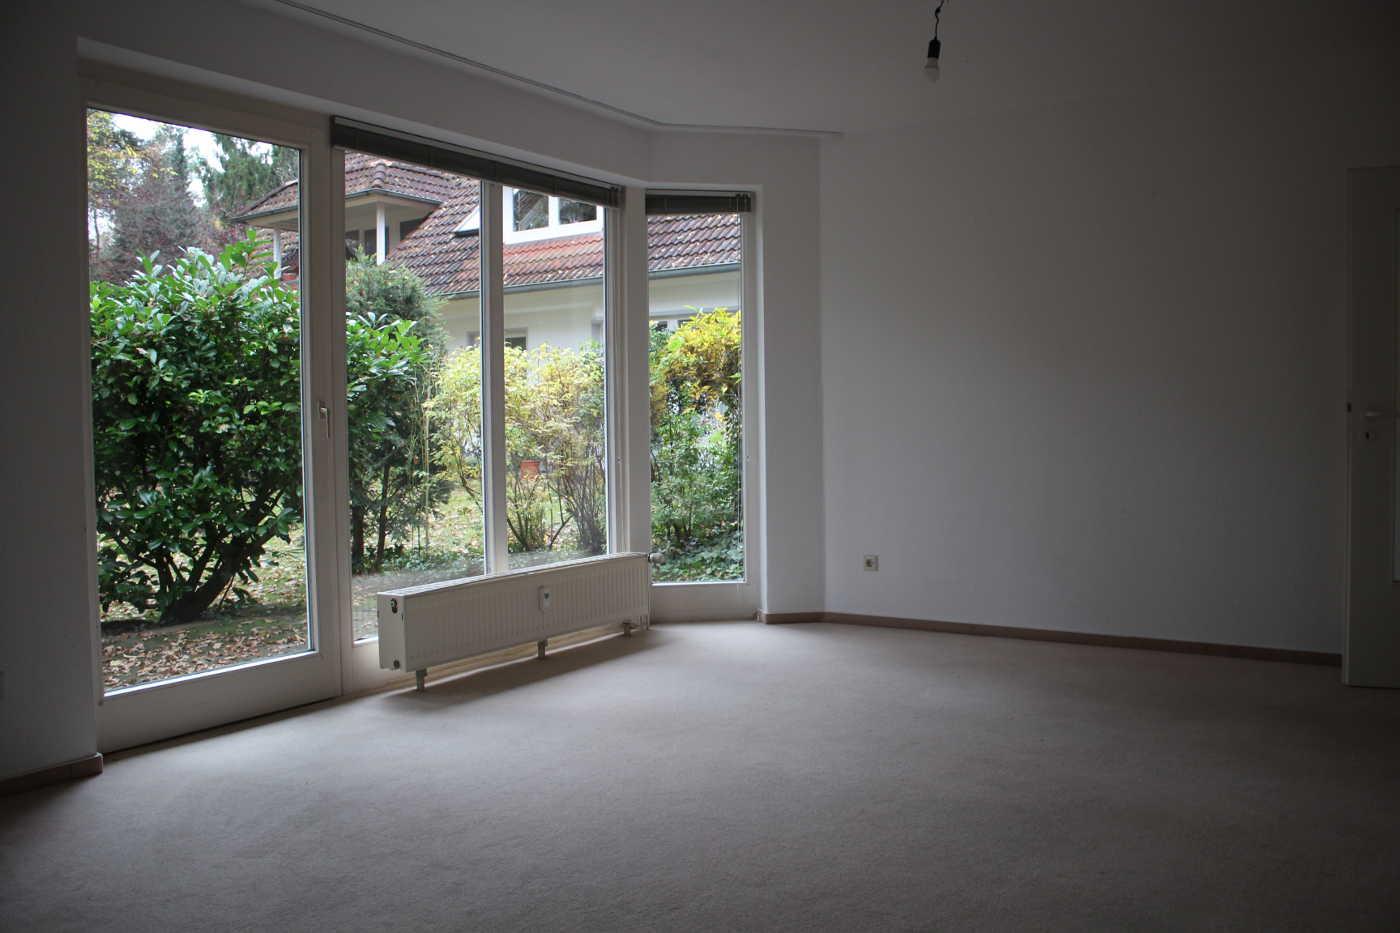 Verkauft: Gut gestaltete 2-Zimmer Wohnung, sehr gepflegte Wohnanlage ...